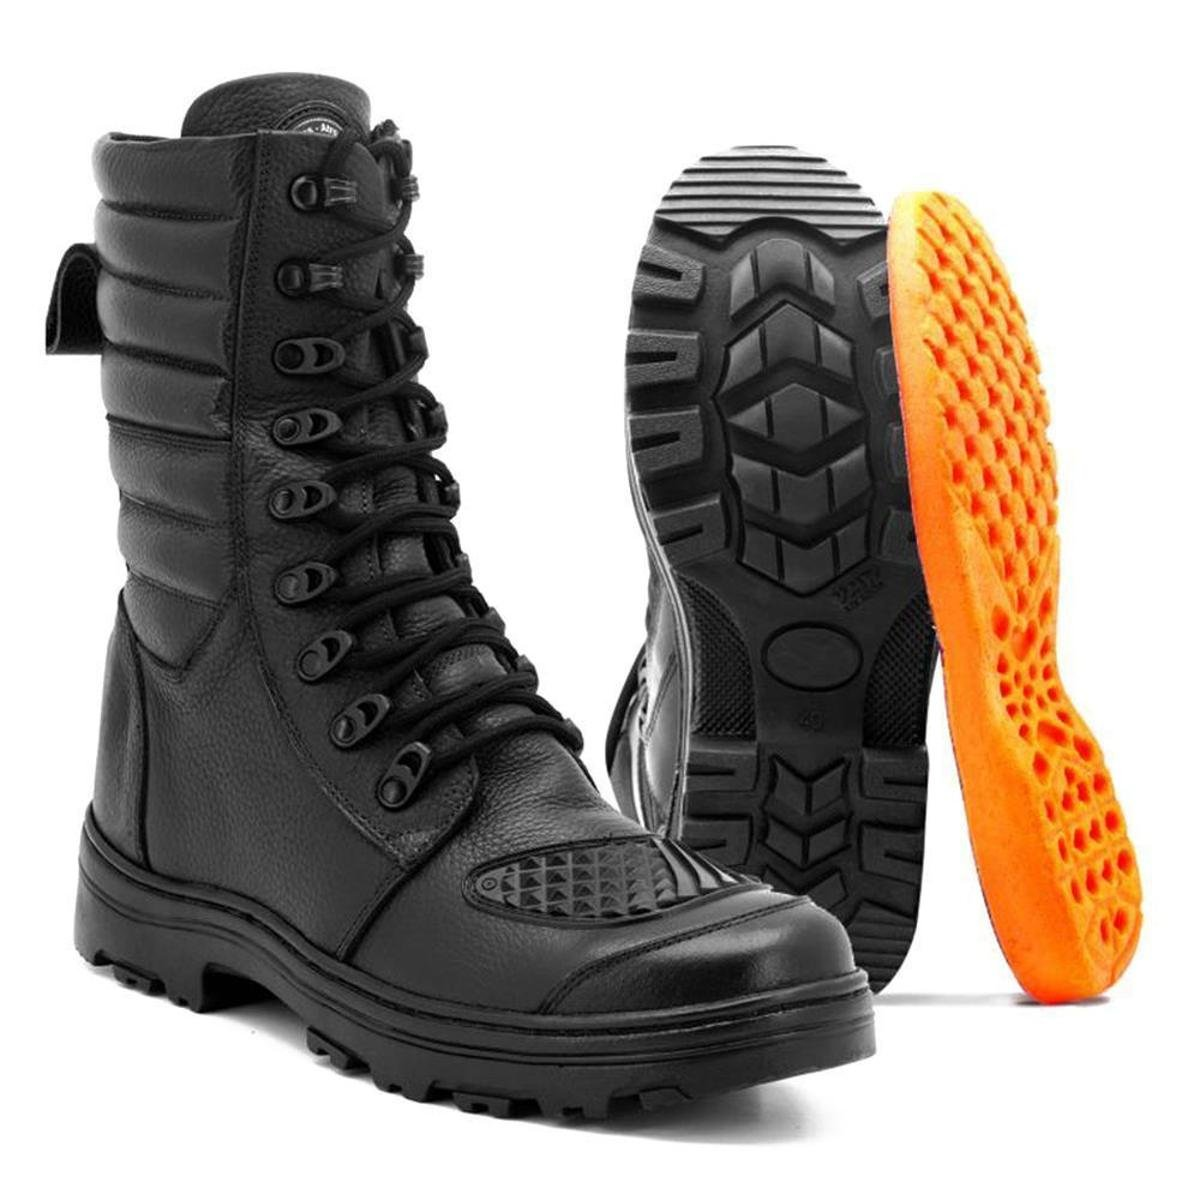 Bota Bota Atron Preto Motociclista Atron Shoes Shoes Motociclista Médio Cano Cano FRwqP1tIw